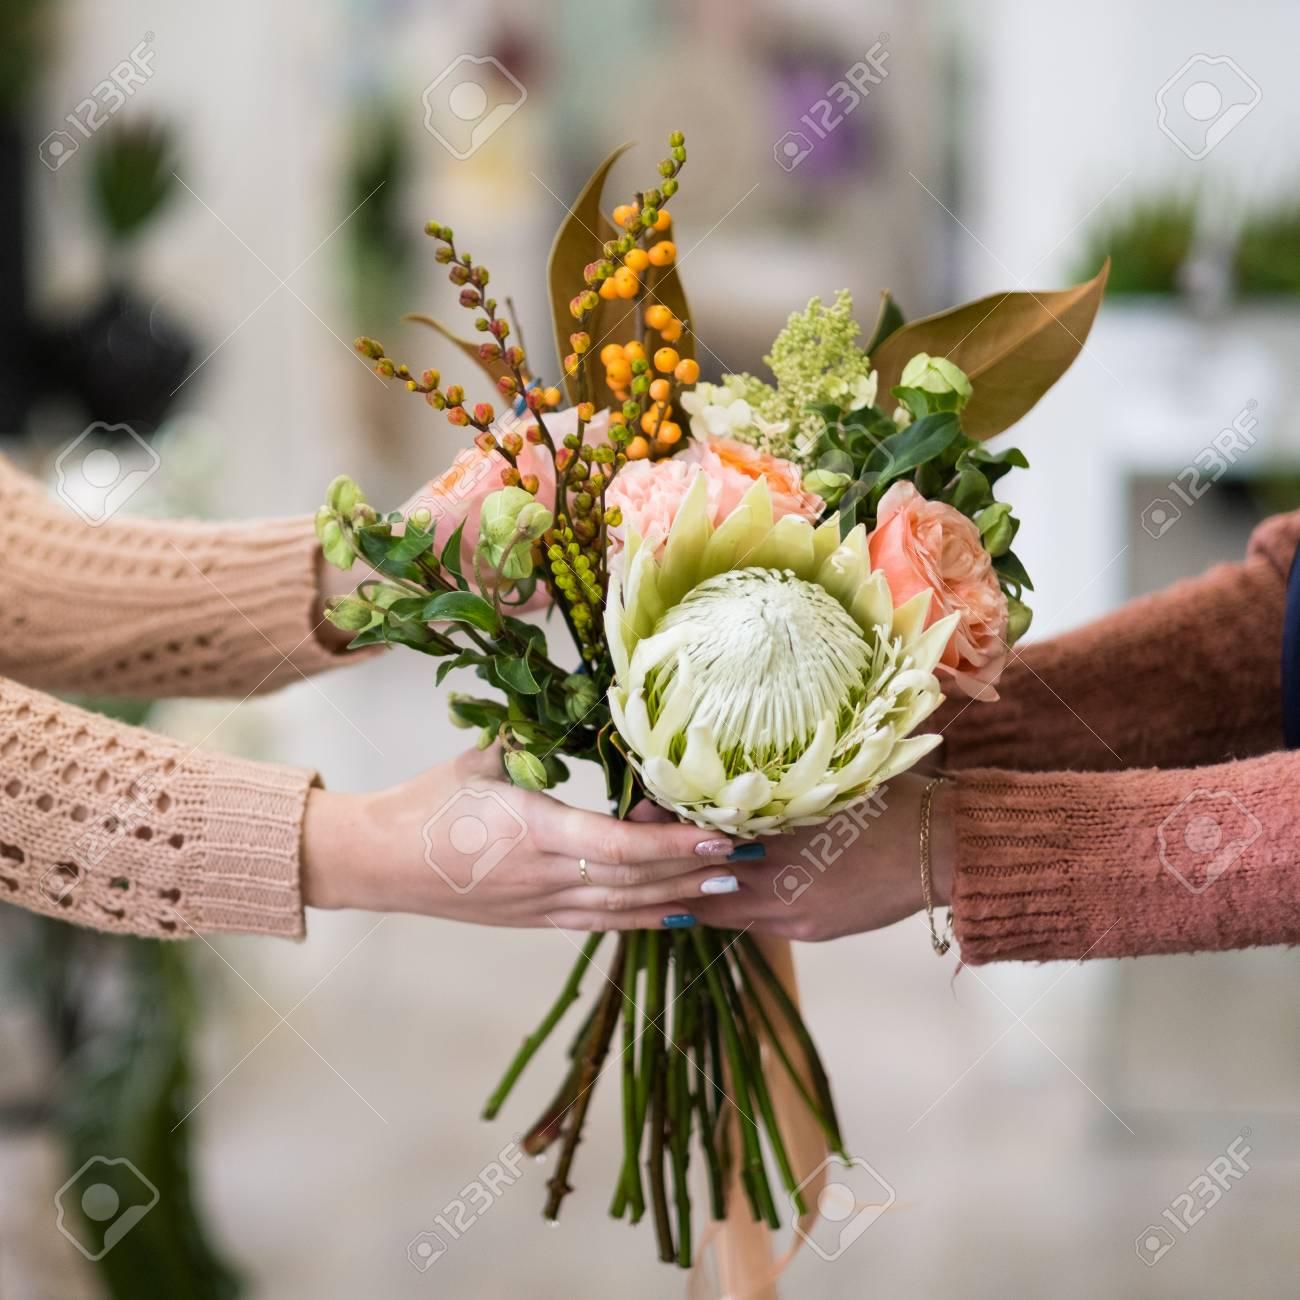 Banque d images - Livraison de bouquet de fleurs sûr et rapide pour  quelqu un que vous aimez. Mains de femmes tenant un arrangement créatif de  roses dahlia ... af9f4b749d9c